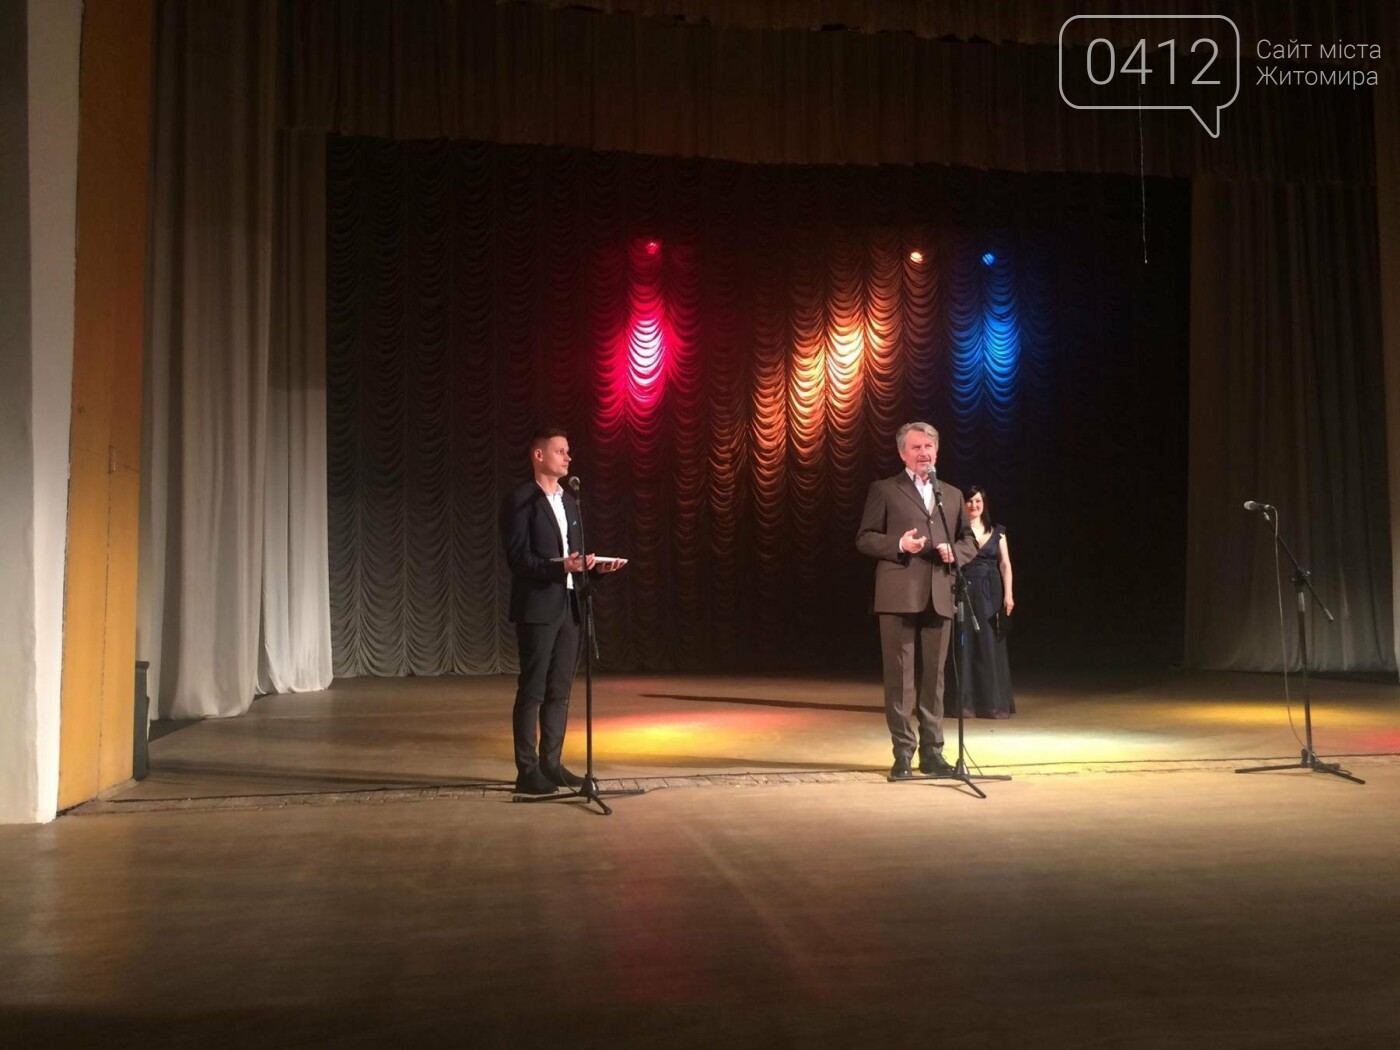 У Житомирі відбувся благодійний захід з нагоди відзначення 15-ї річниці «Все робимо самі», фото-2